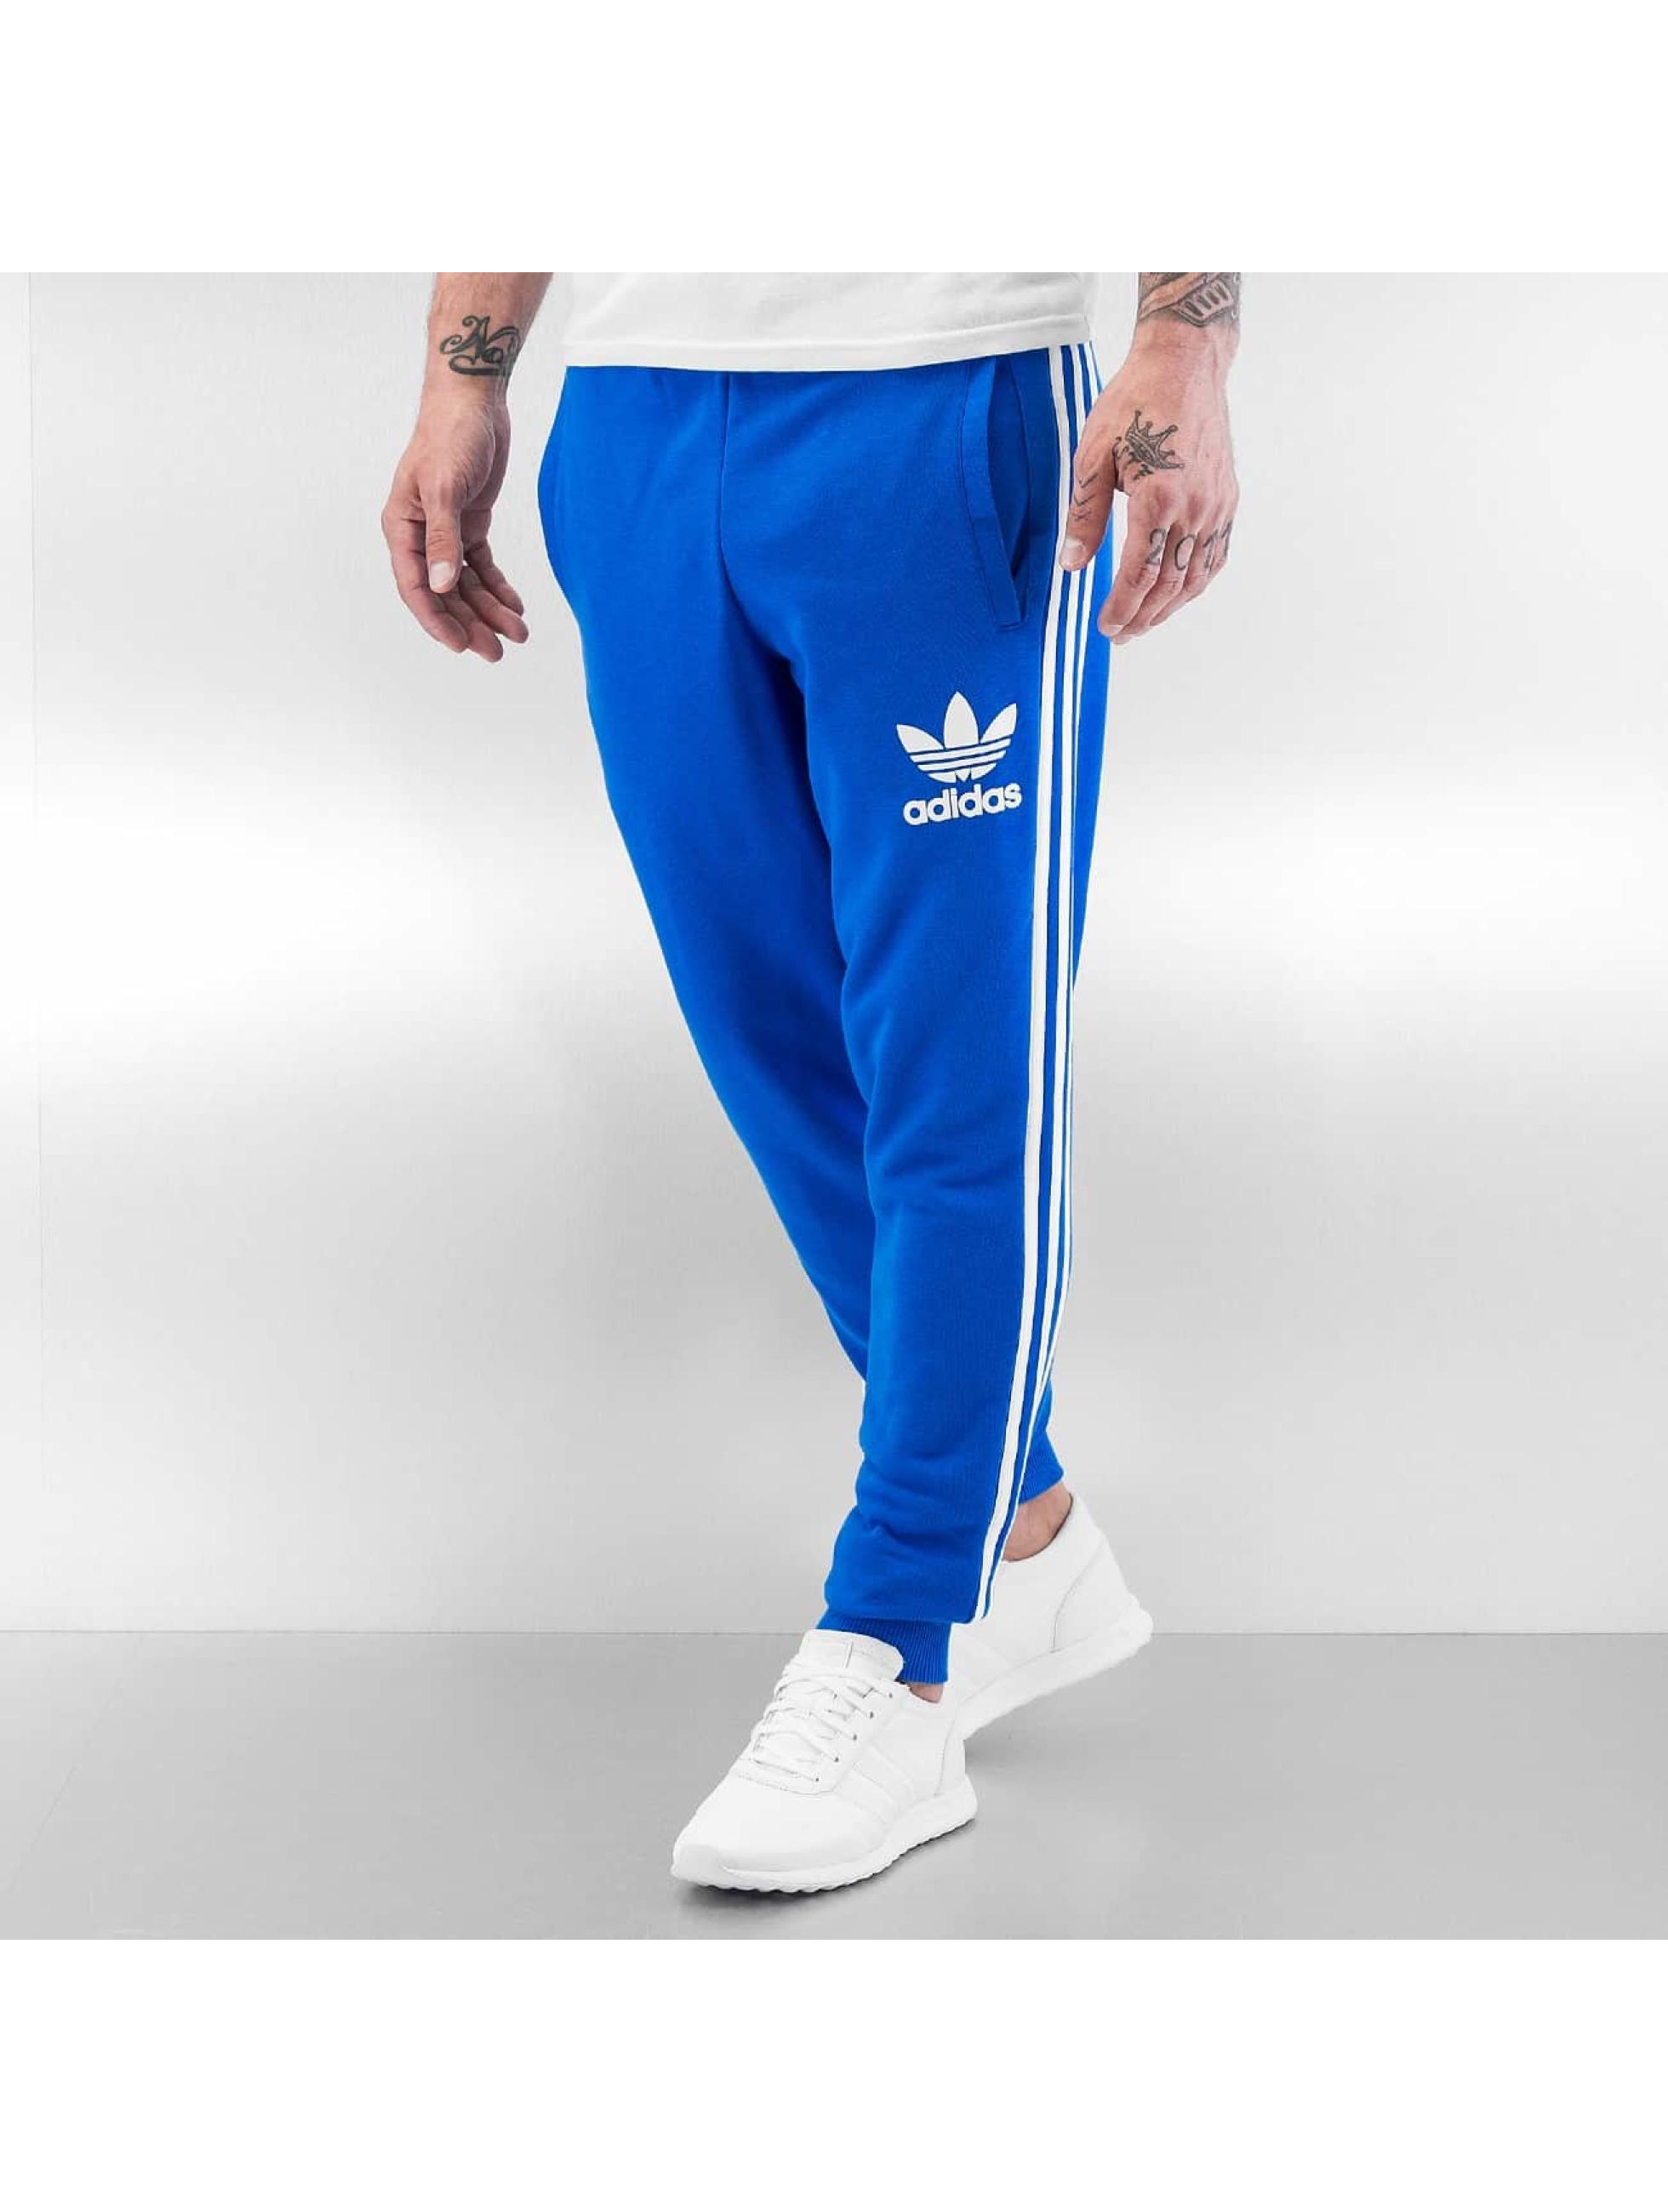 pantalon adidas bleu